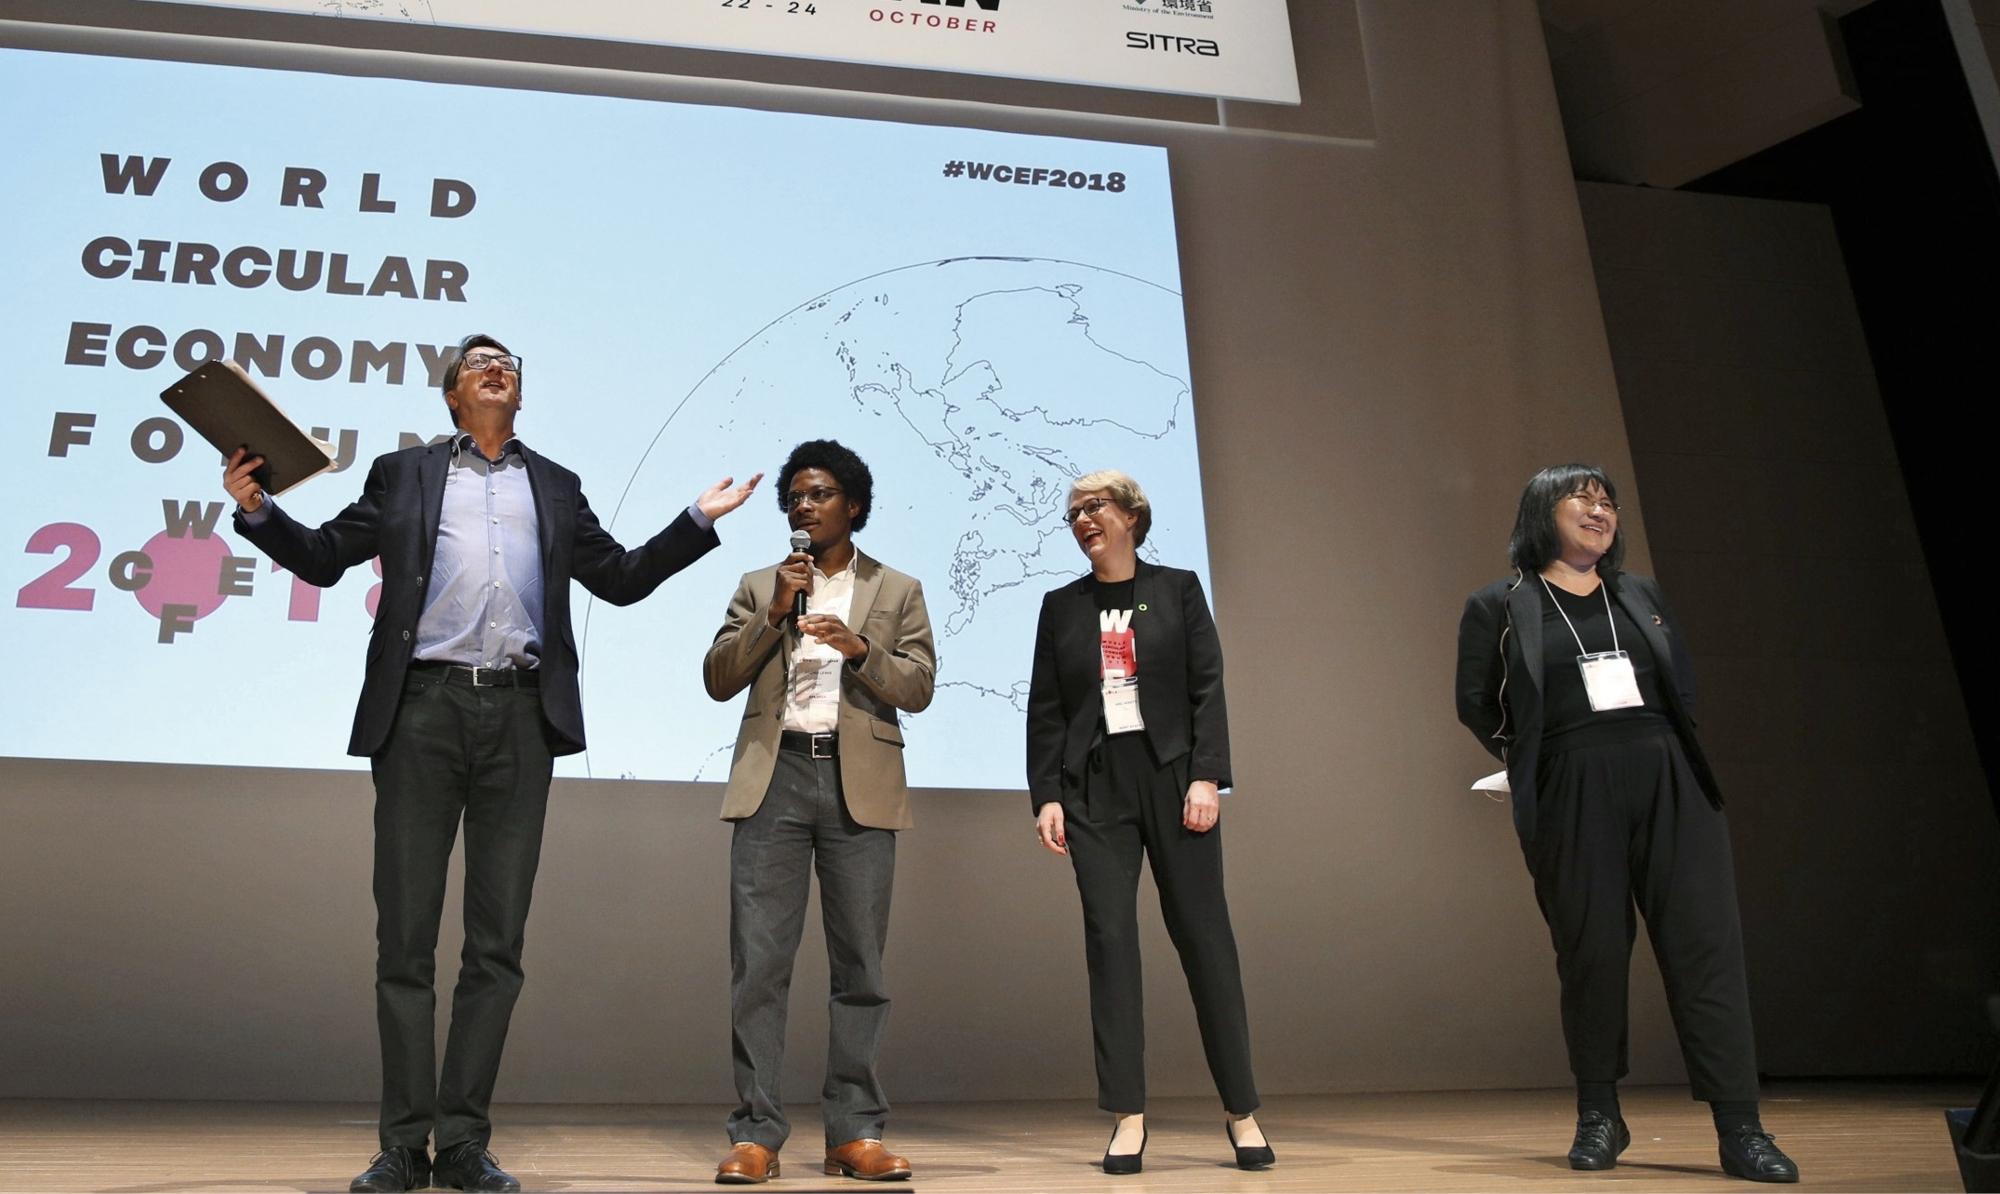 Sadat asiantuntijat ja päättäjät ympäri maailmaa kokoontuivat Sitran World Circular Economy Forumiin pohtimaan, mitä kiertotalous vuoteen 2050 mennessä tarkoittaa.